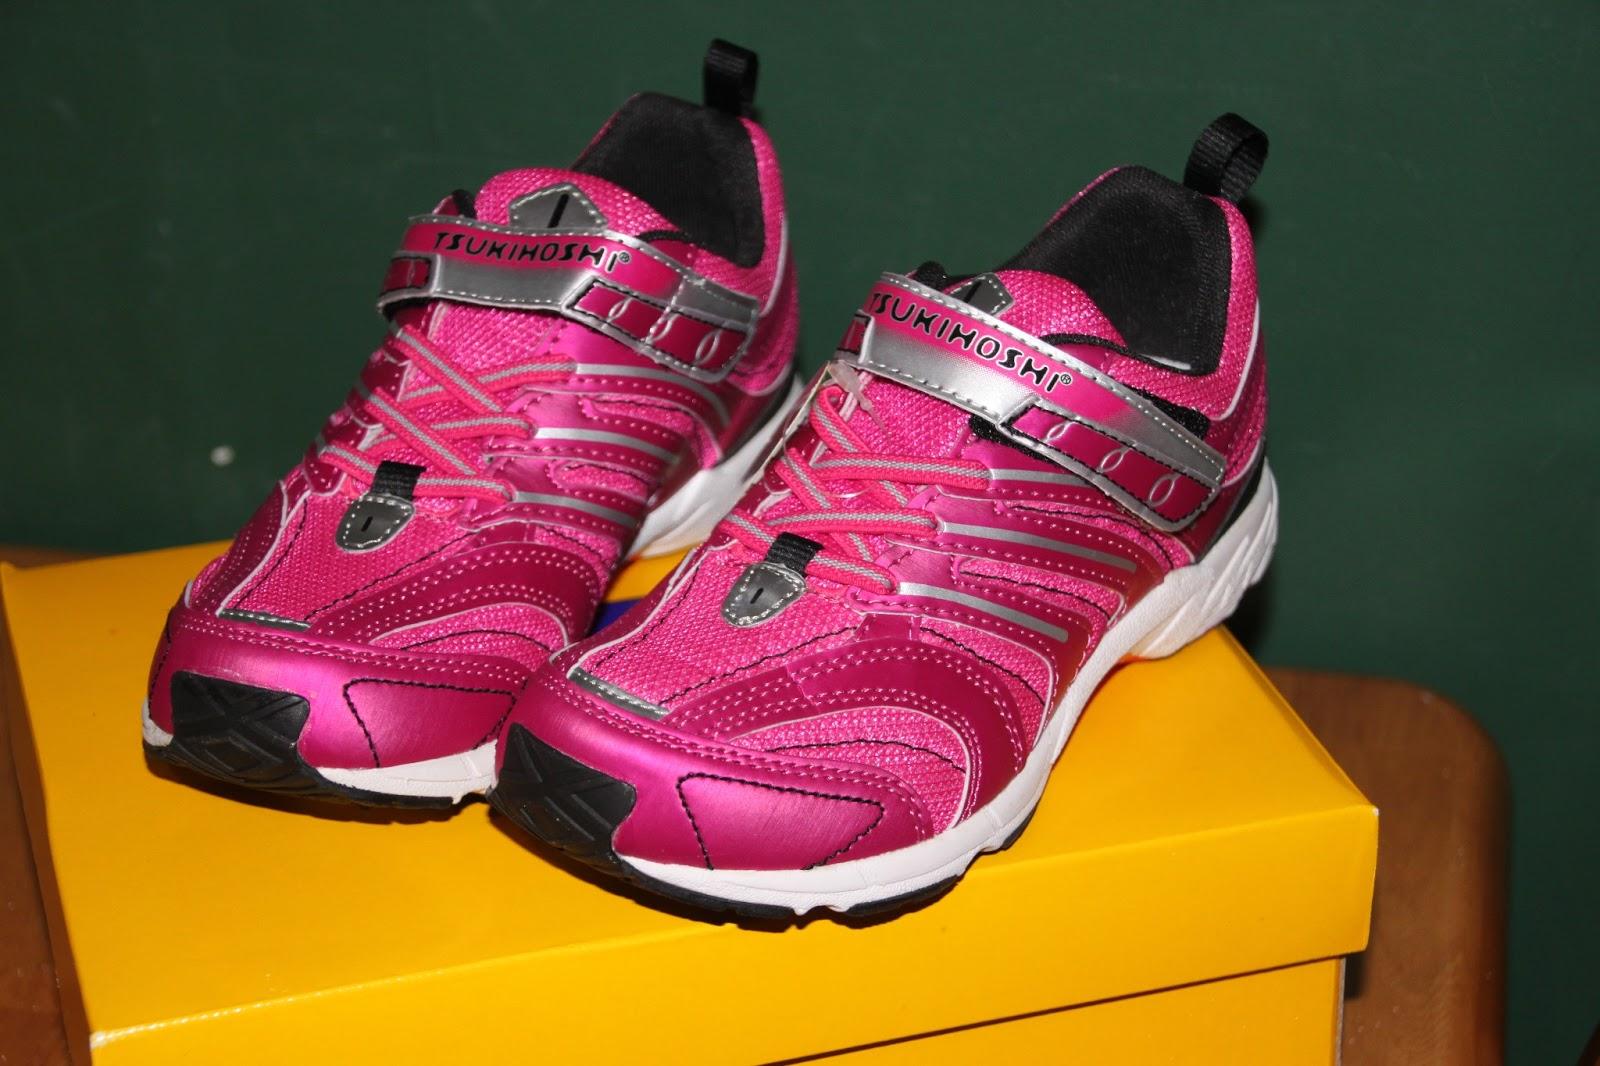 USA: Tsukihoshi Kids Speed Toddler/Black/Noir Shoes